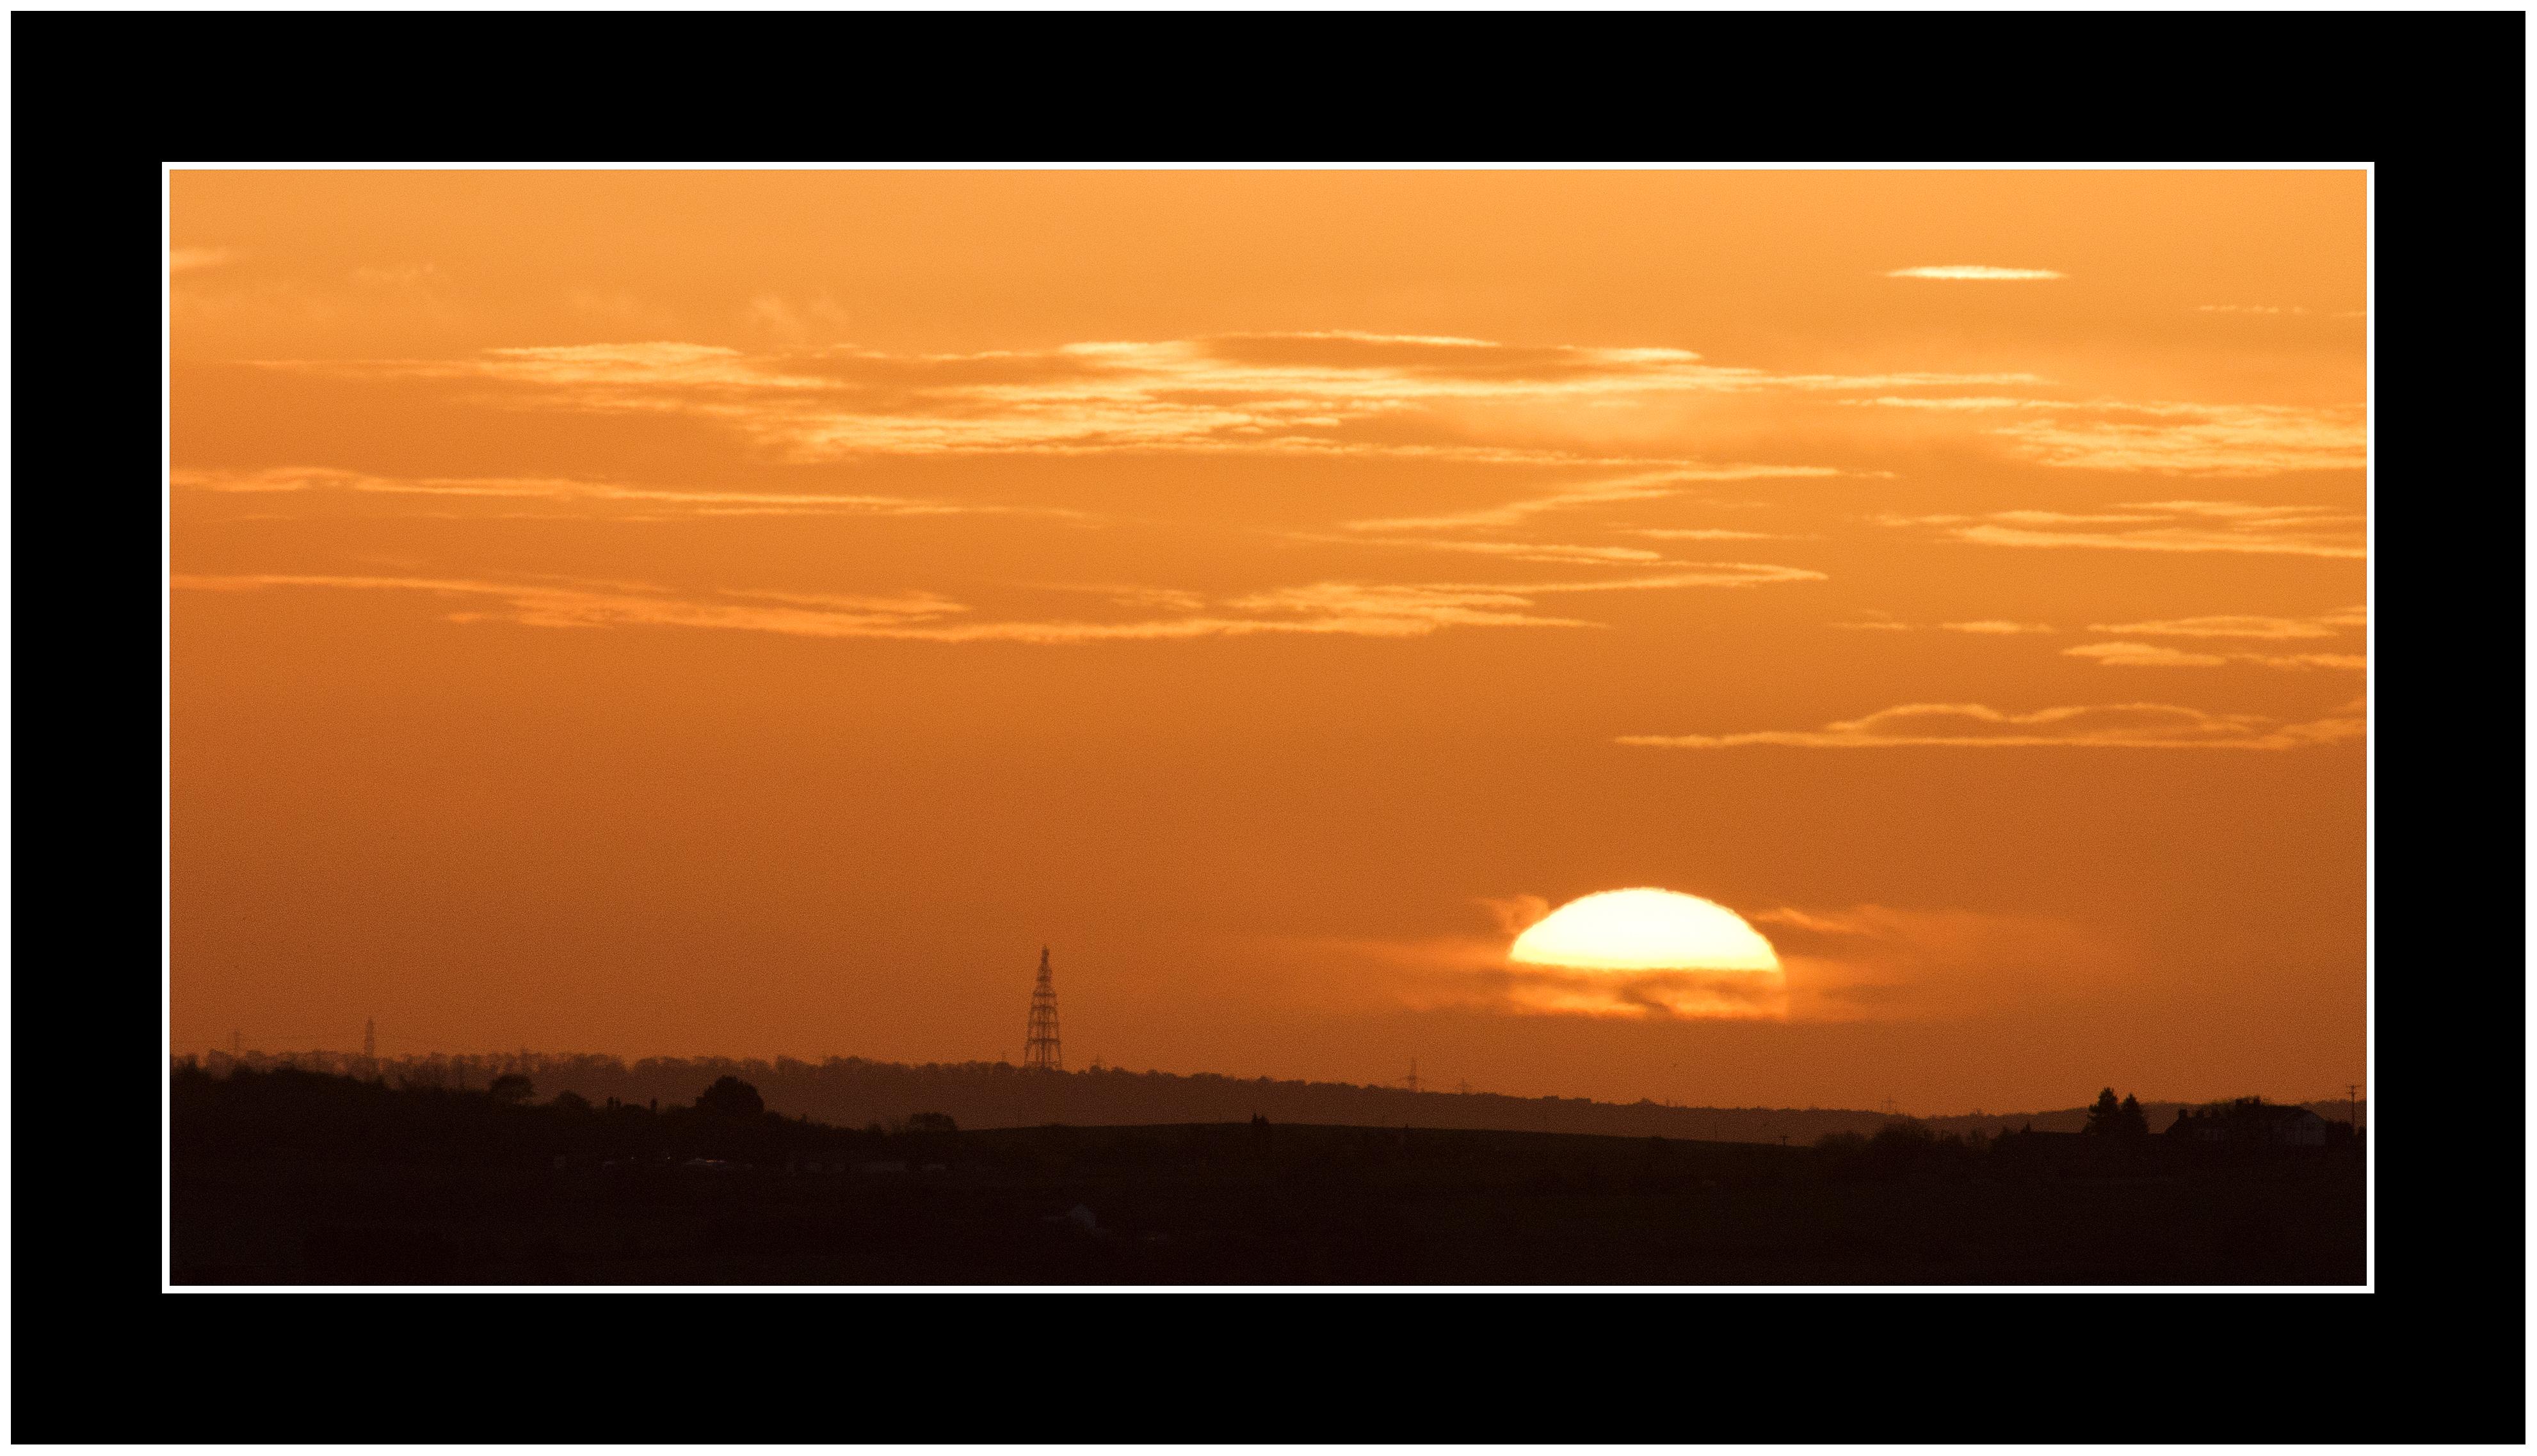 Images gratuites horizon zones humides nuage ciel soleil lever du soleil le coucher du - Heure lever coucher du soleil ...